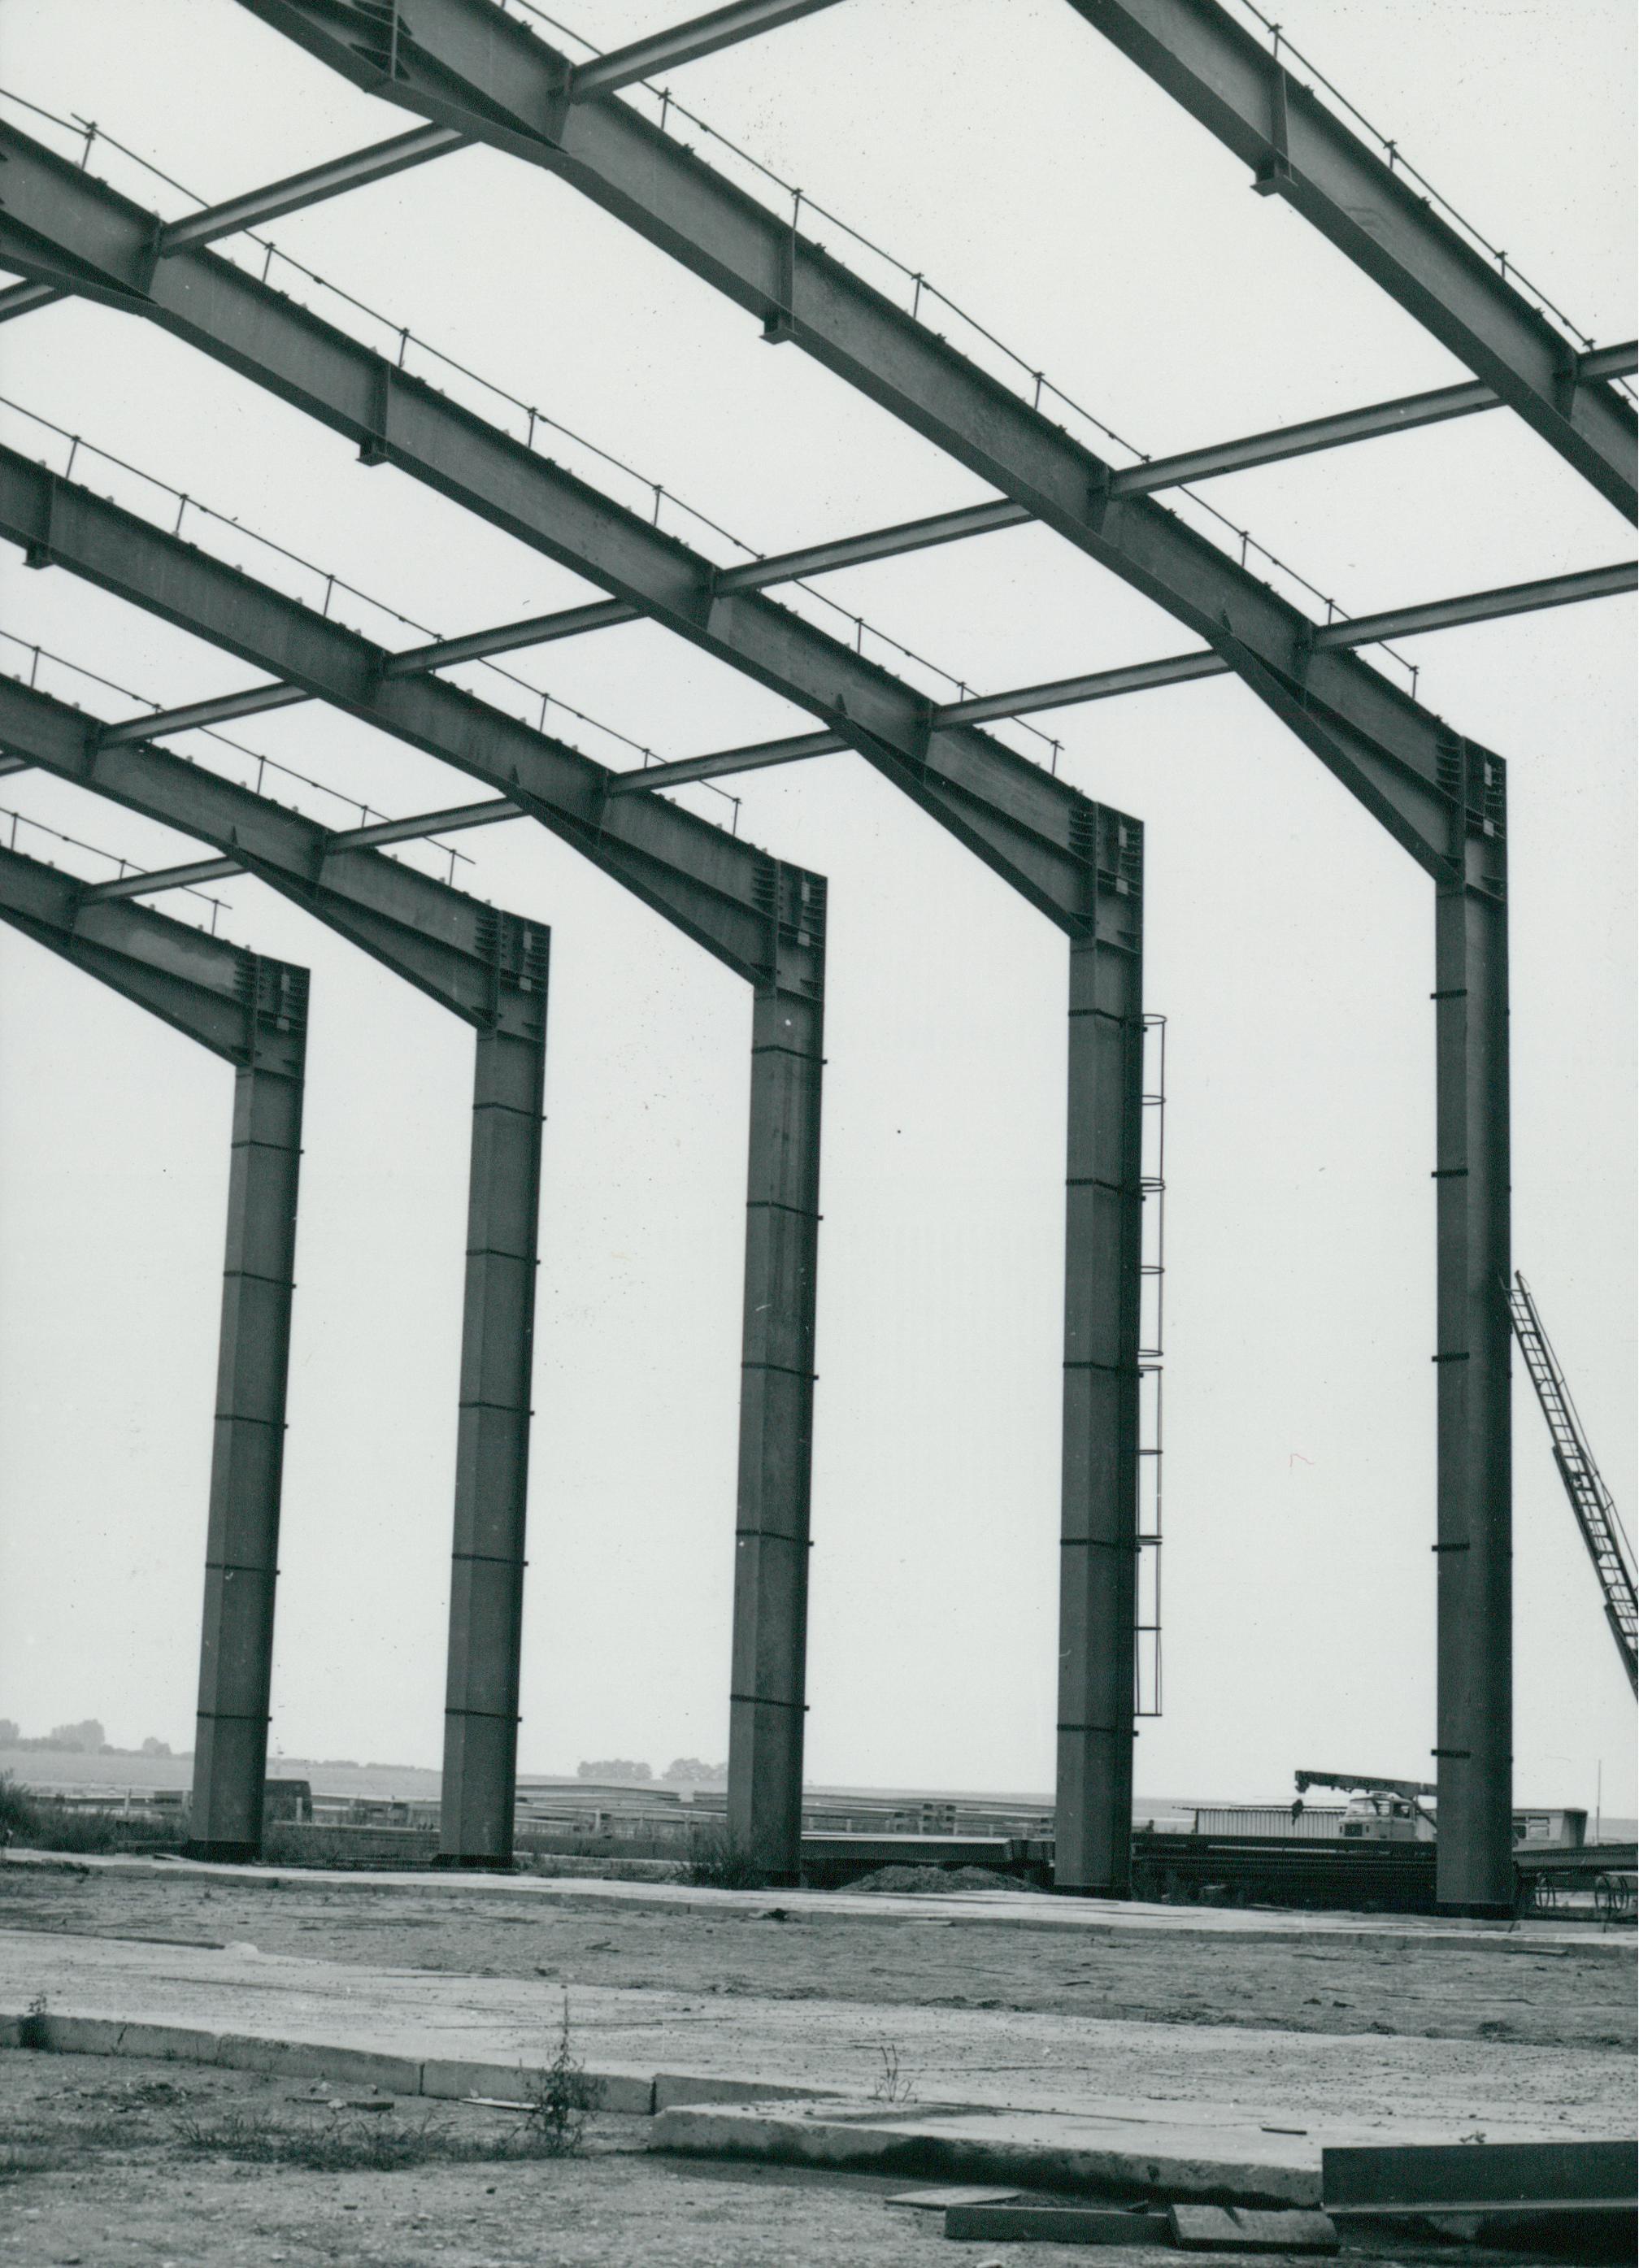 A ferihegyi repülőtér egyik hangárjának vázszerkezete